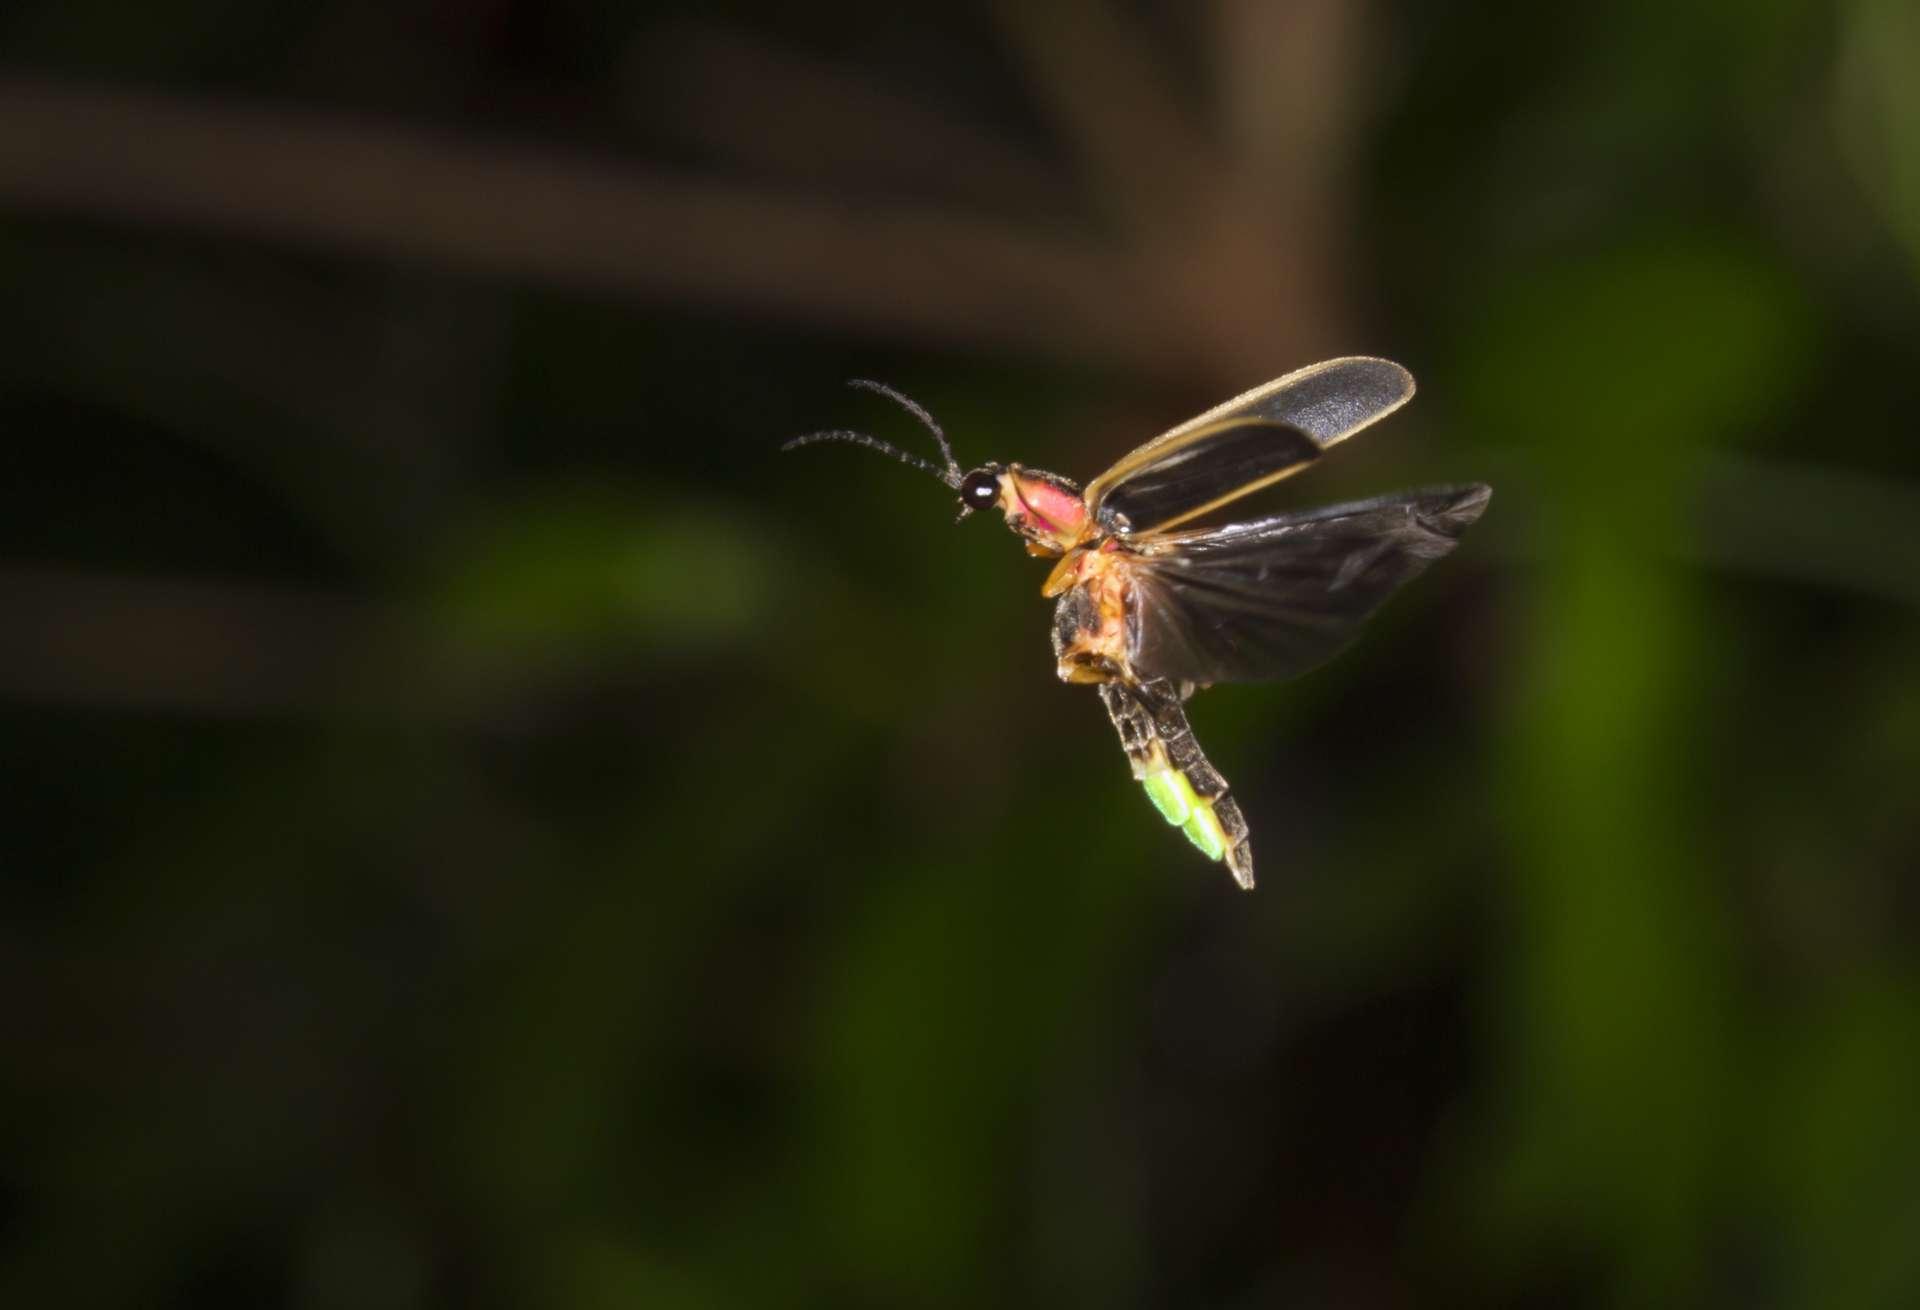 Une luciole de l'espèce Photinus pyralis en plein vol nocturne dans l'état de Géorgie. © Ivan Kuzmin, Adobe Stock